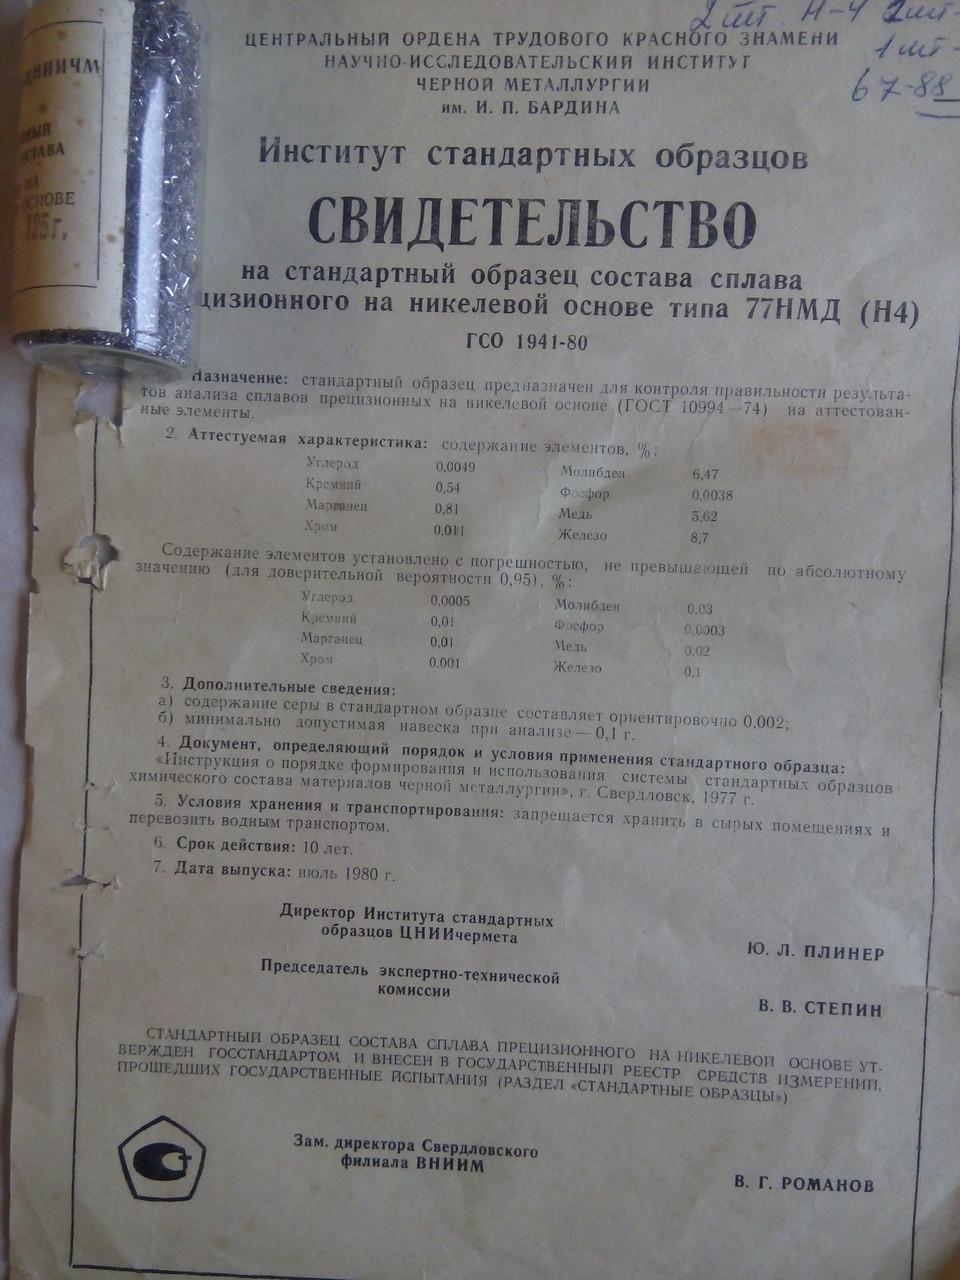 Образец  (Н 4) сплава на Никелевой основе  77НМД ГСО 1941-80П, фото 1